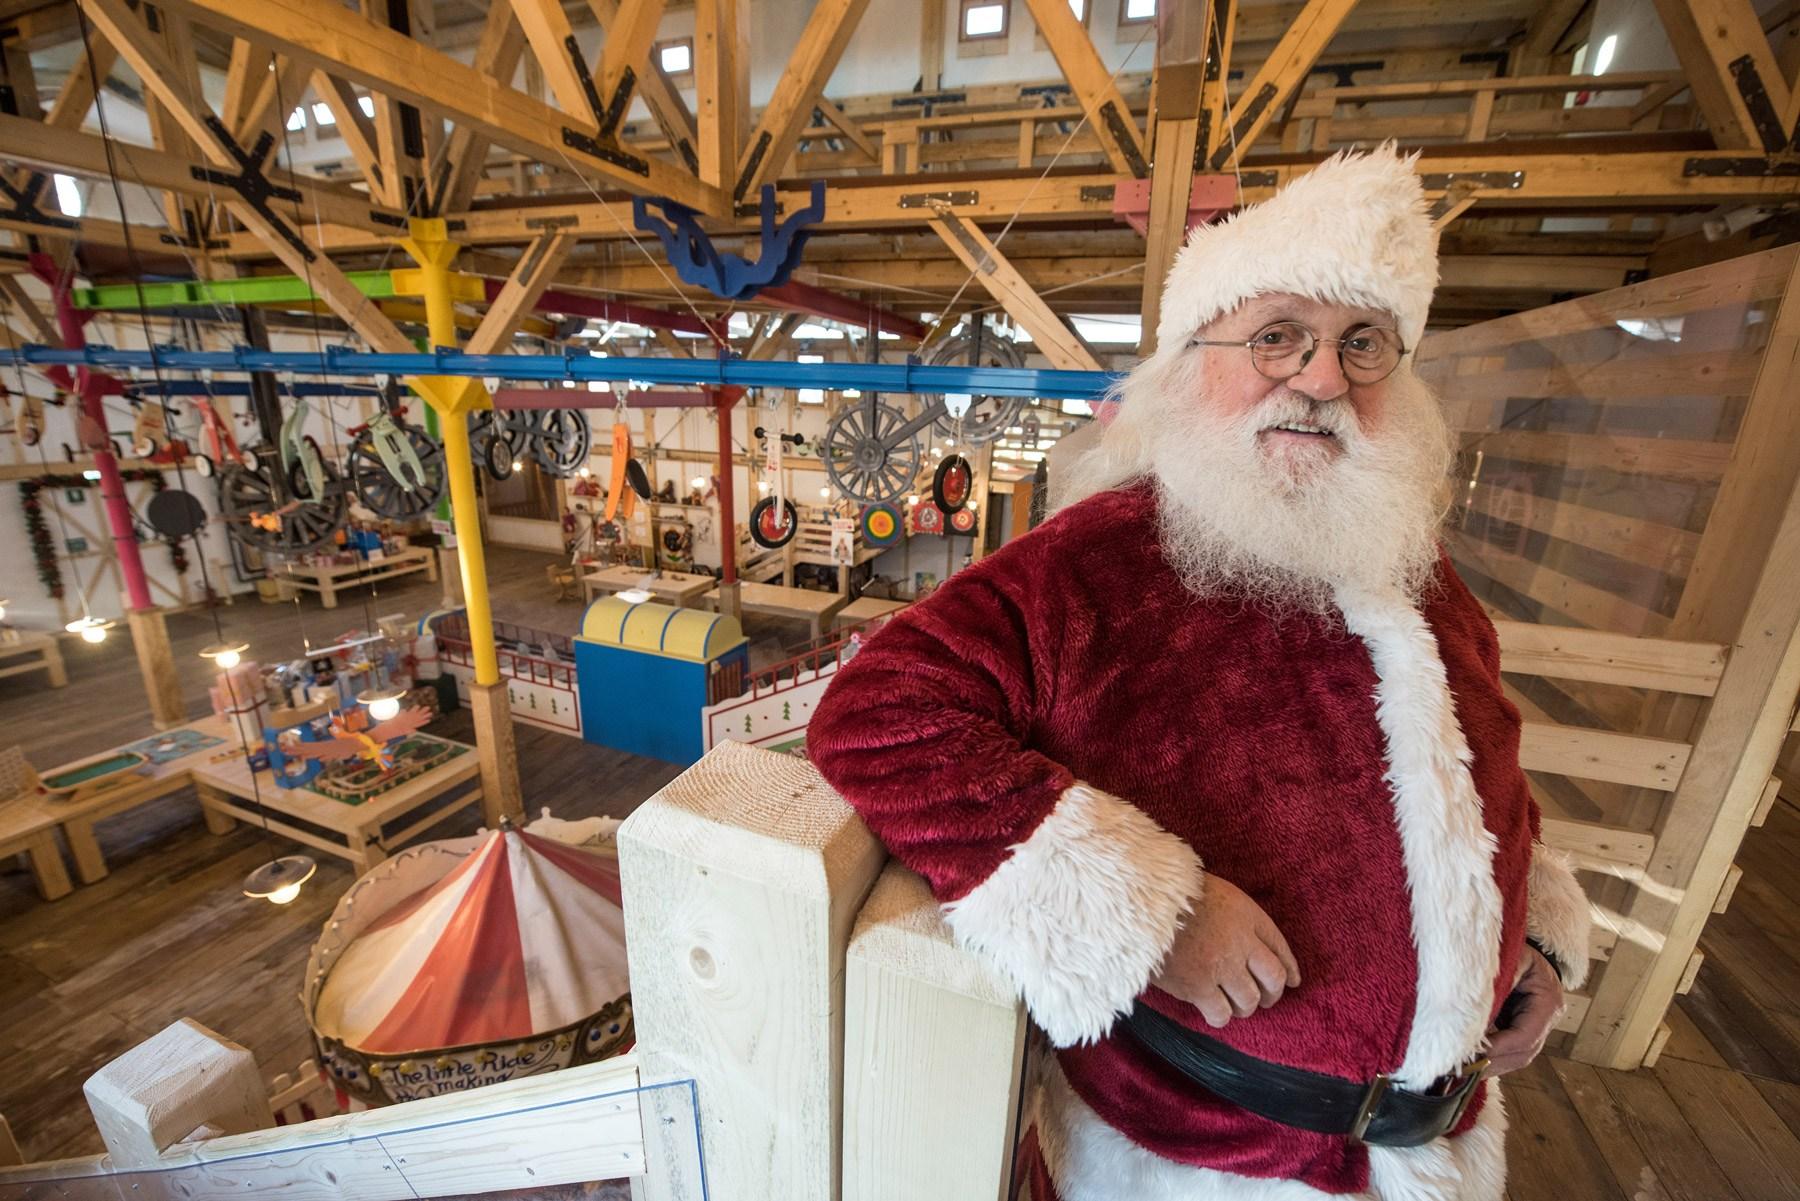 Immagini Del Villaggio Di Babbo Natale.Turismo Natalizio Ecco Il Villaggio Di Babbo Natale Di